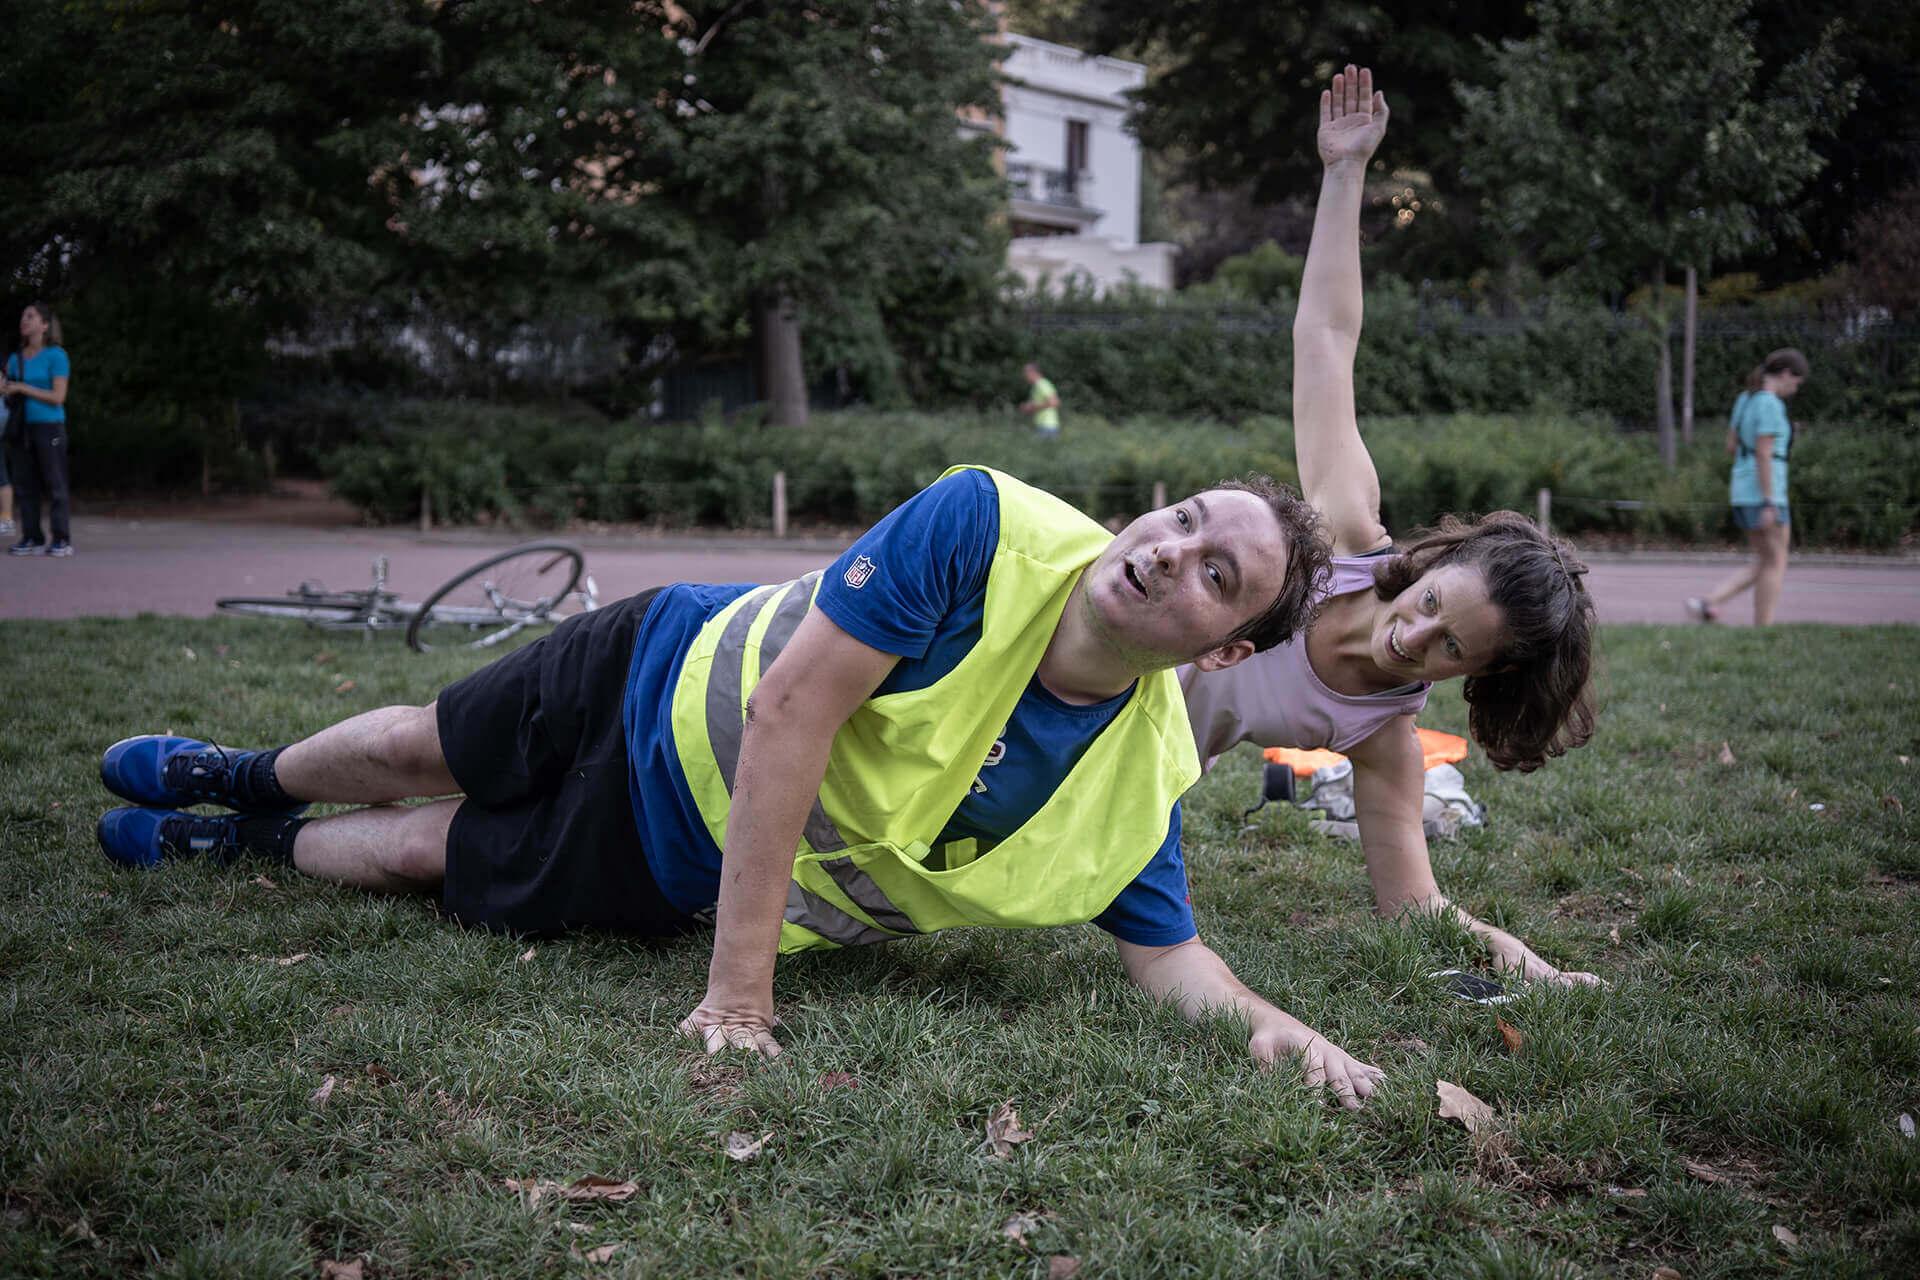 Jocelyn et Sarah sont allongés sur l'herbe, en train de faire du gainage. Sarah, derrière lui et à sa droite, lève le bras droit vers le ciel tandis que Jocelyn maintient le haut du corps tendu appuyé sur ses deux bras.